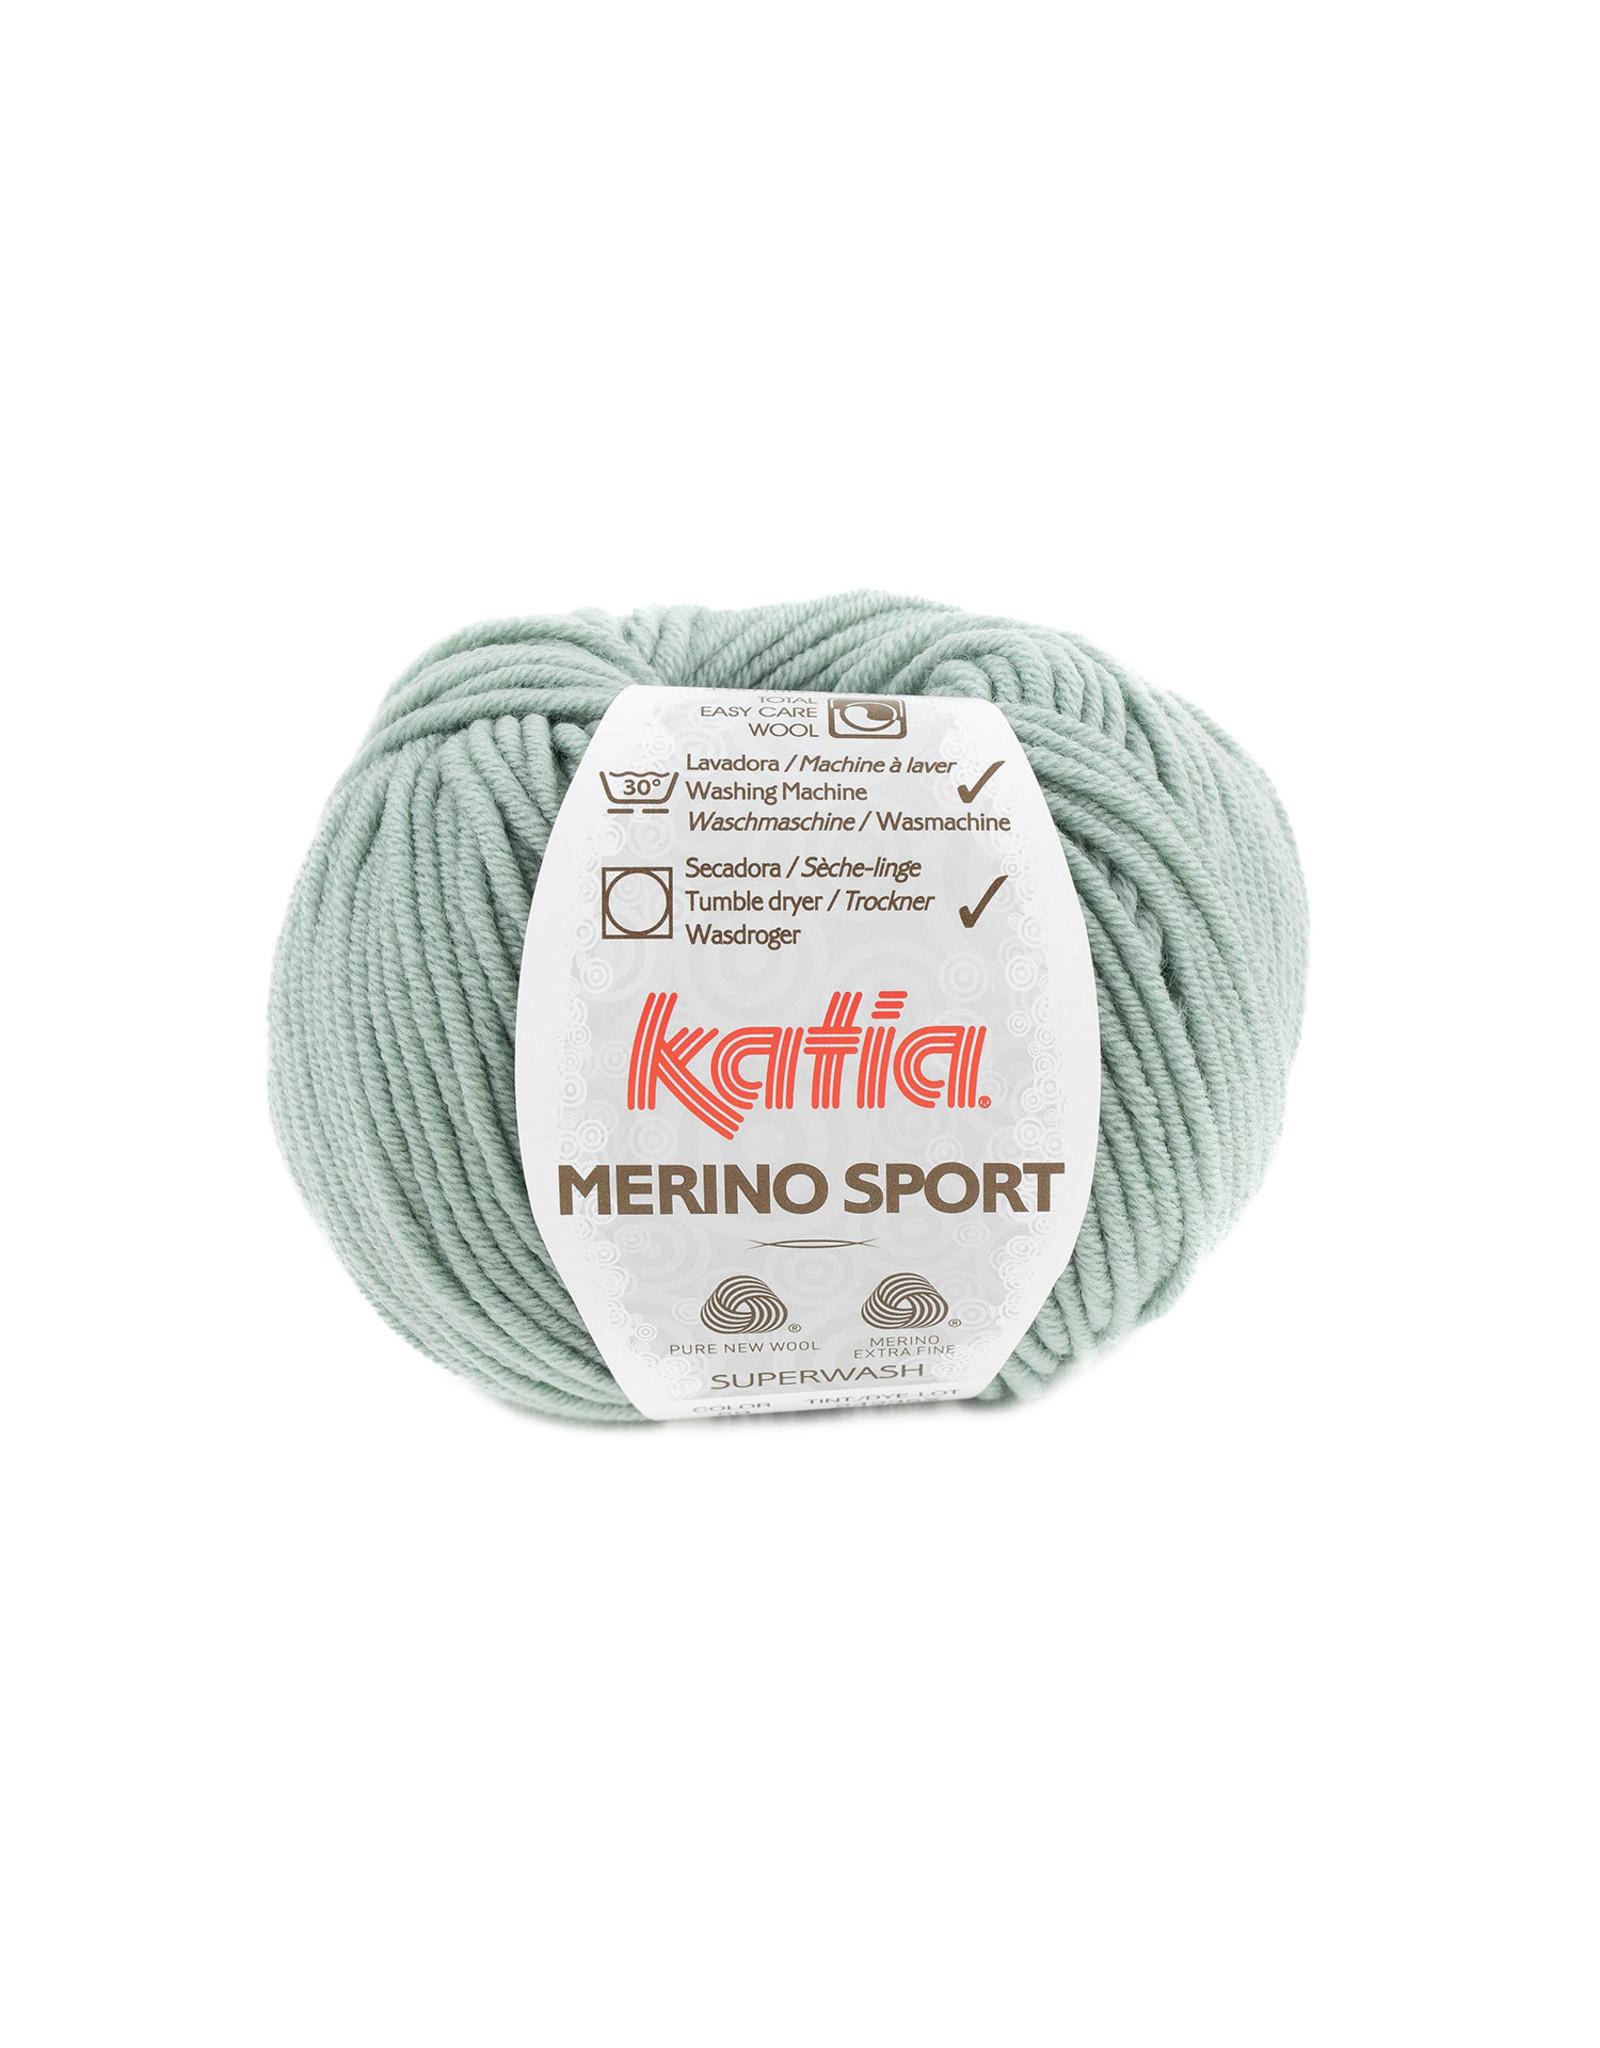 Katia Katia - Merino Sport - 59 Resedagroen - bundel 5 x 50 gr.